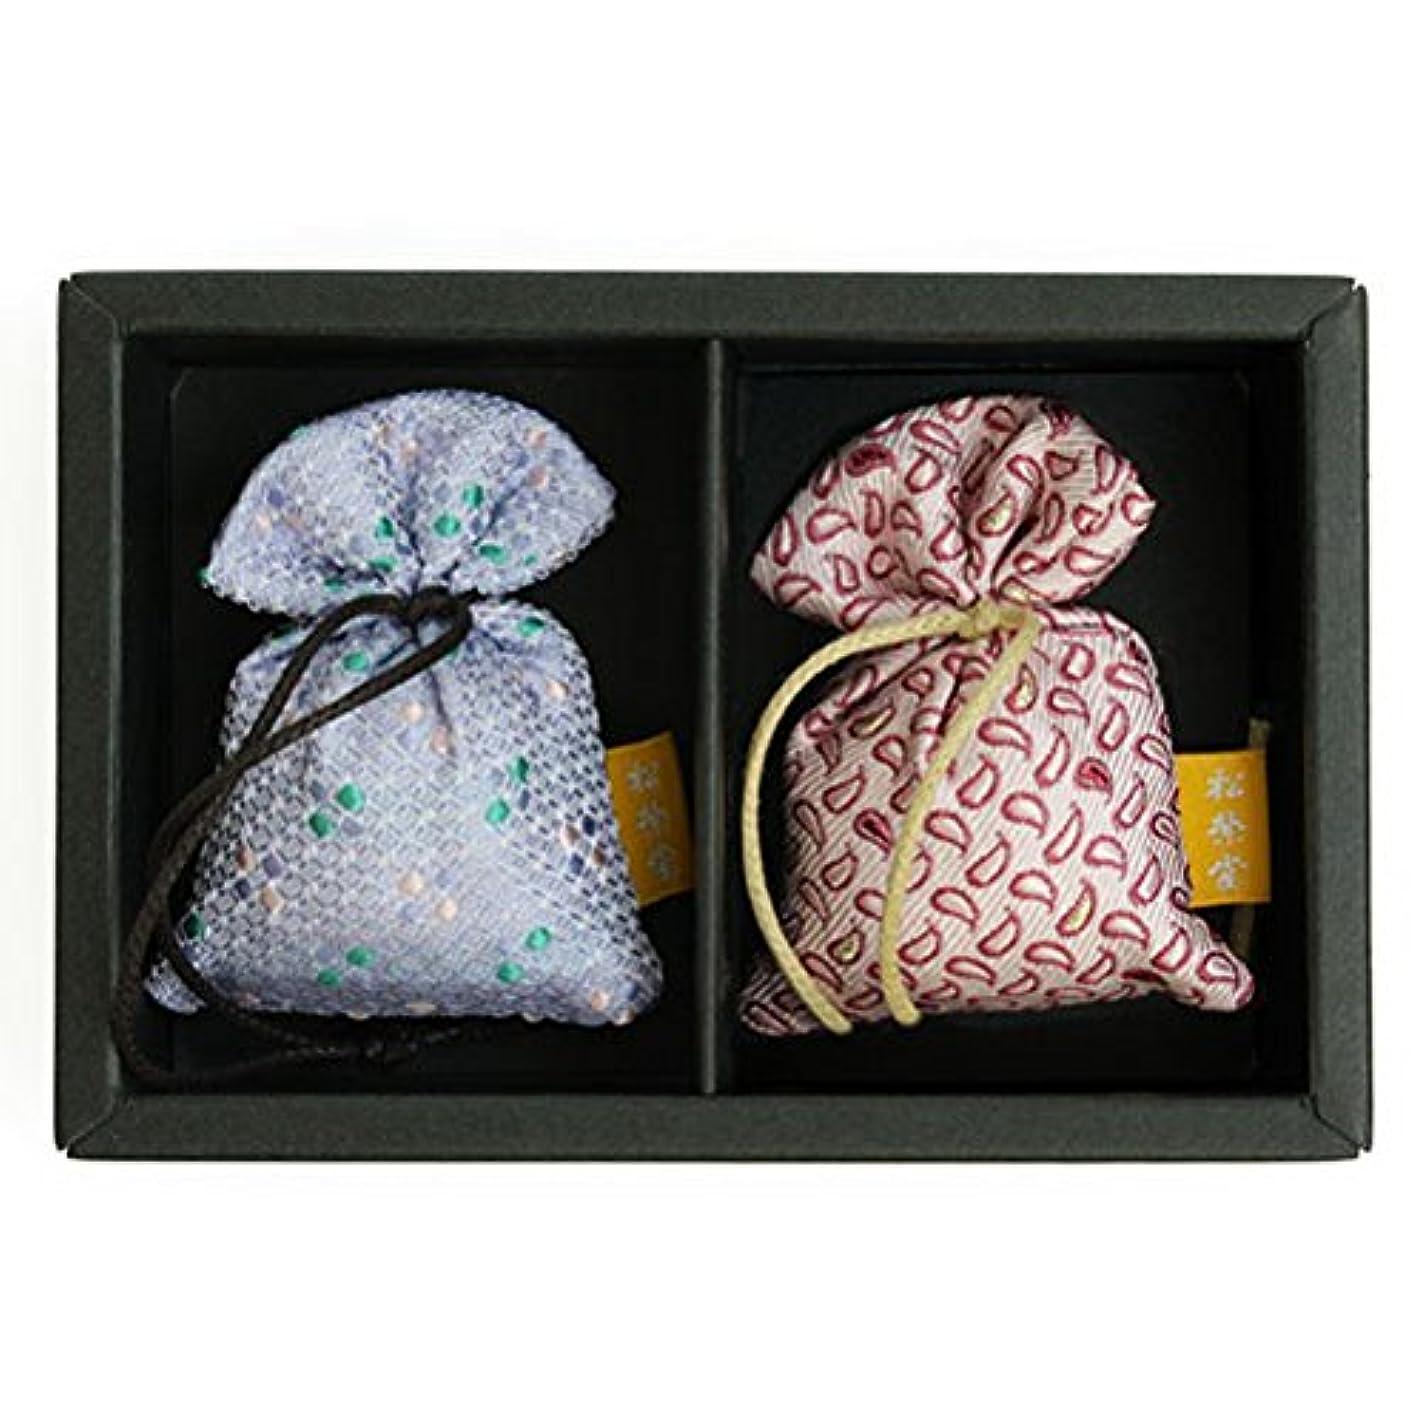 フィットネスプーノラッシュ匂い袋 誰が袖 薫 かおる 2個入 松栄堂 Shoyeido 本体長さ60mm (色?柄は選べません)